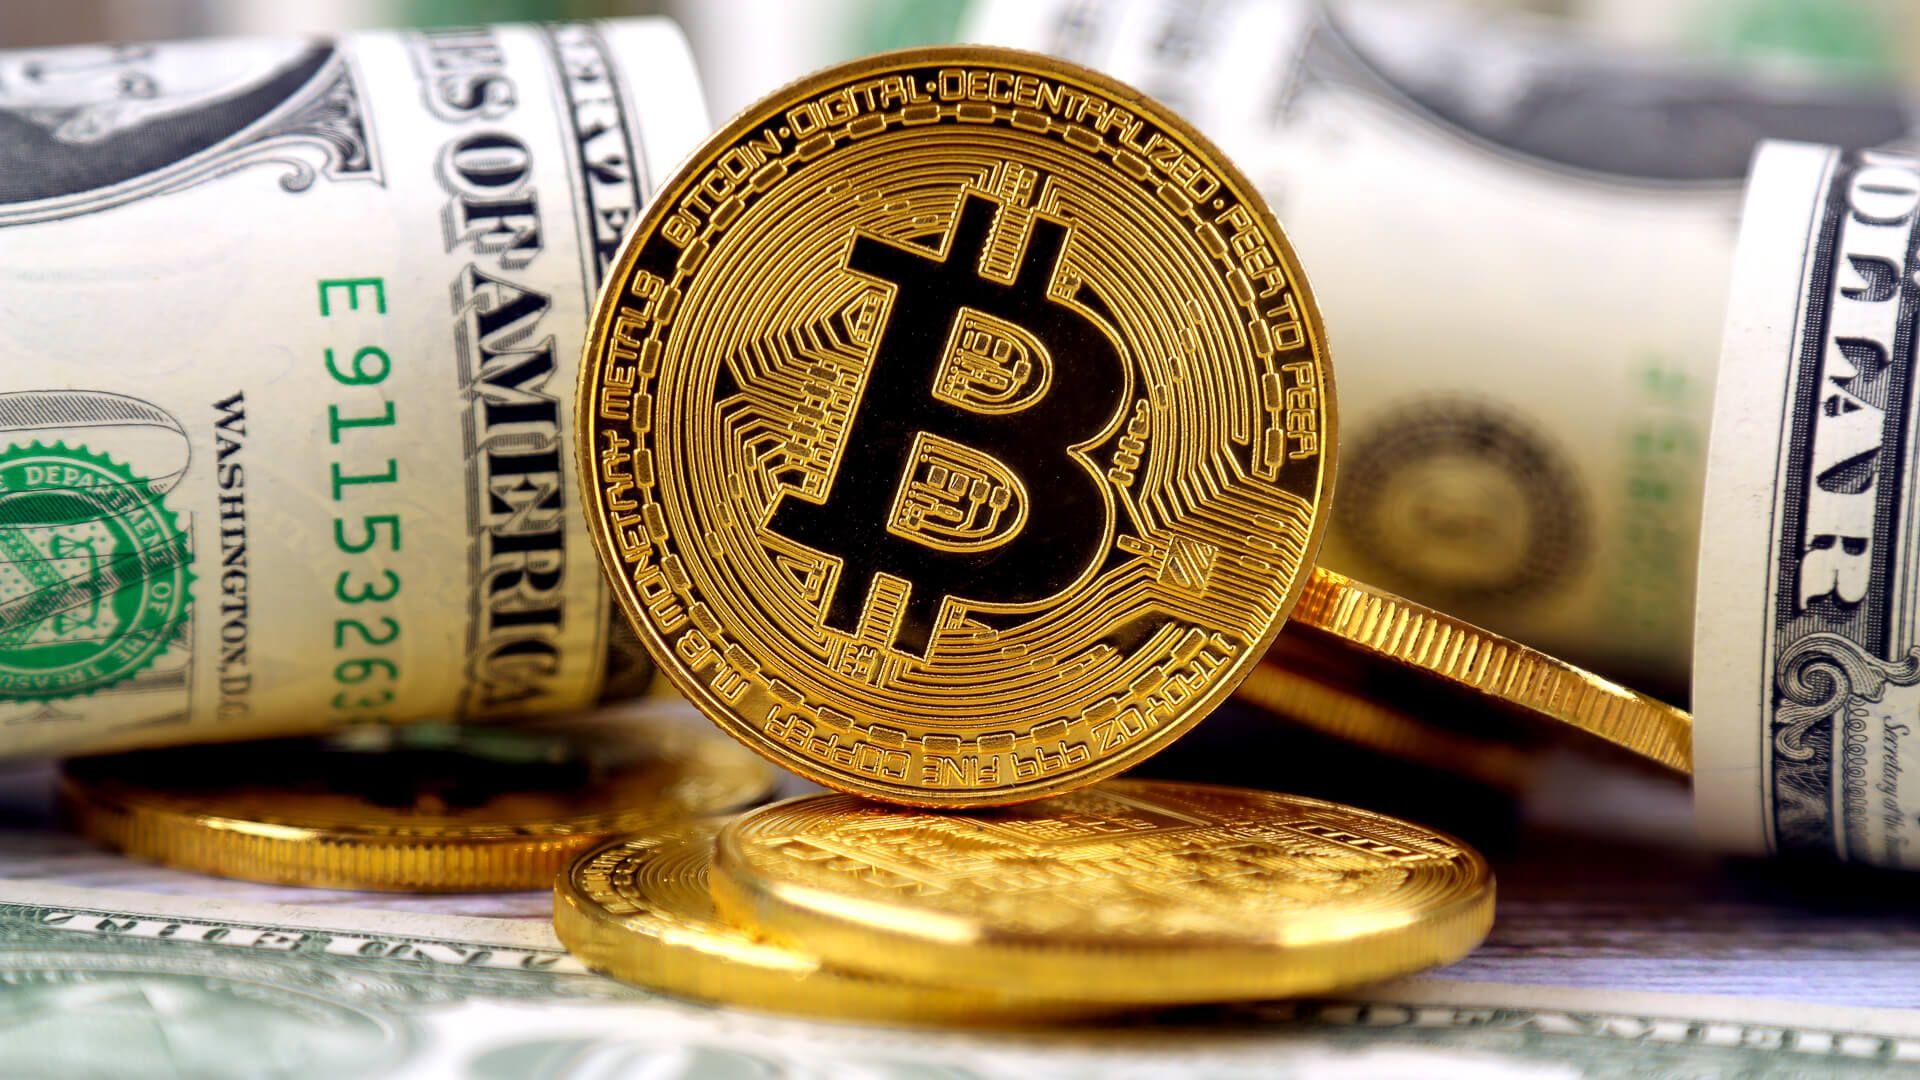 Use Bitcoin as An Educational Tool